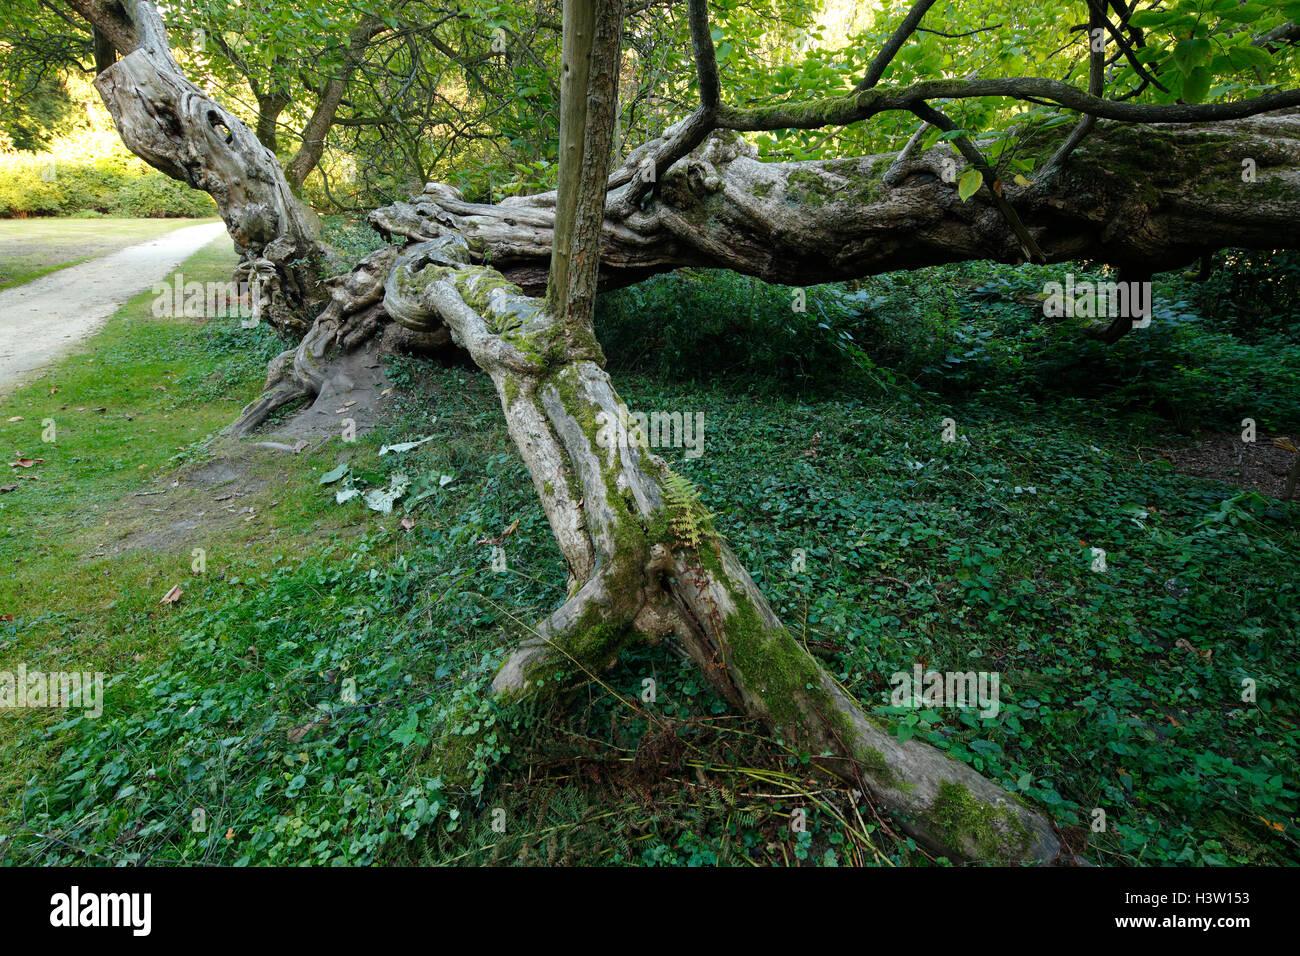 Trompetenbaum im Schlosspark Herten, Catalpa bignonioides, Ruhrgebiet, Nordrhein-Westfalen Stock Photo